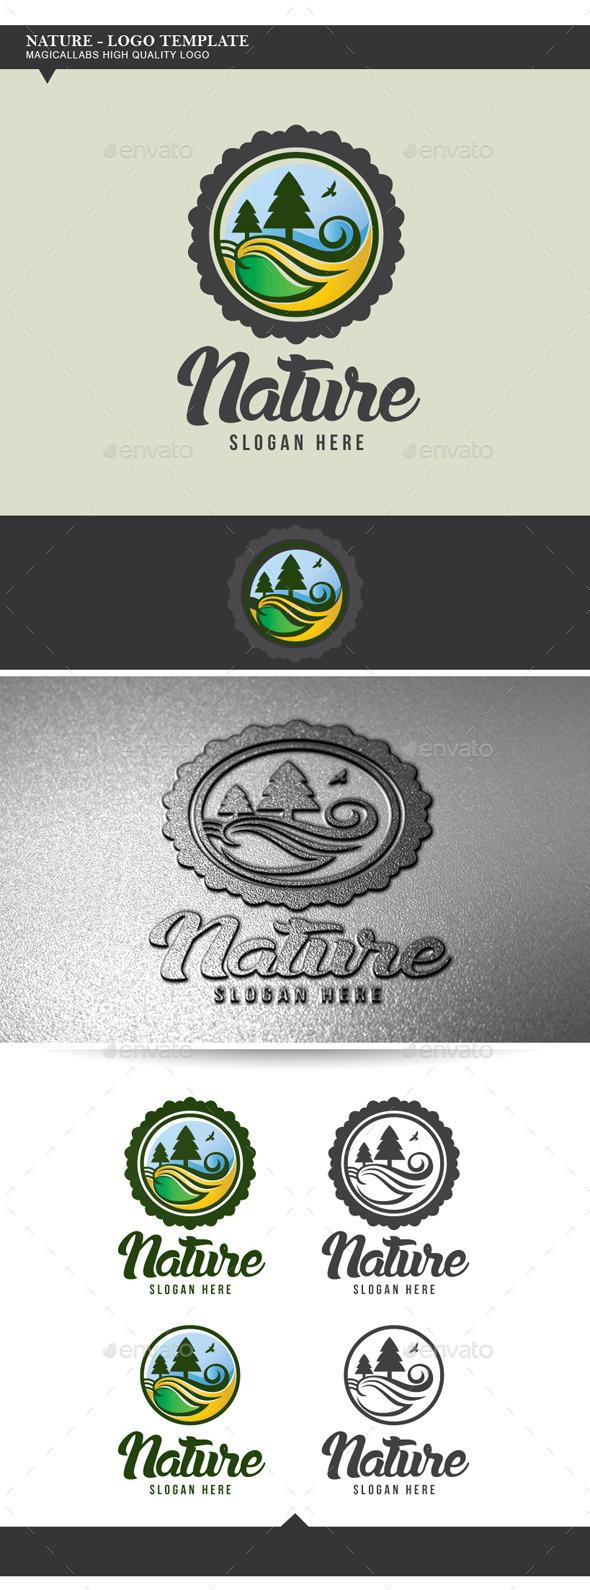 GraphicRiver Nature Logo Template 9003658